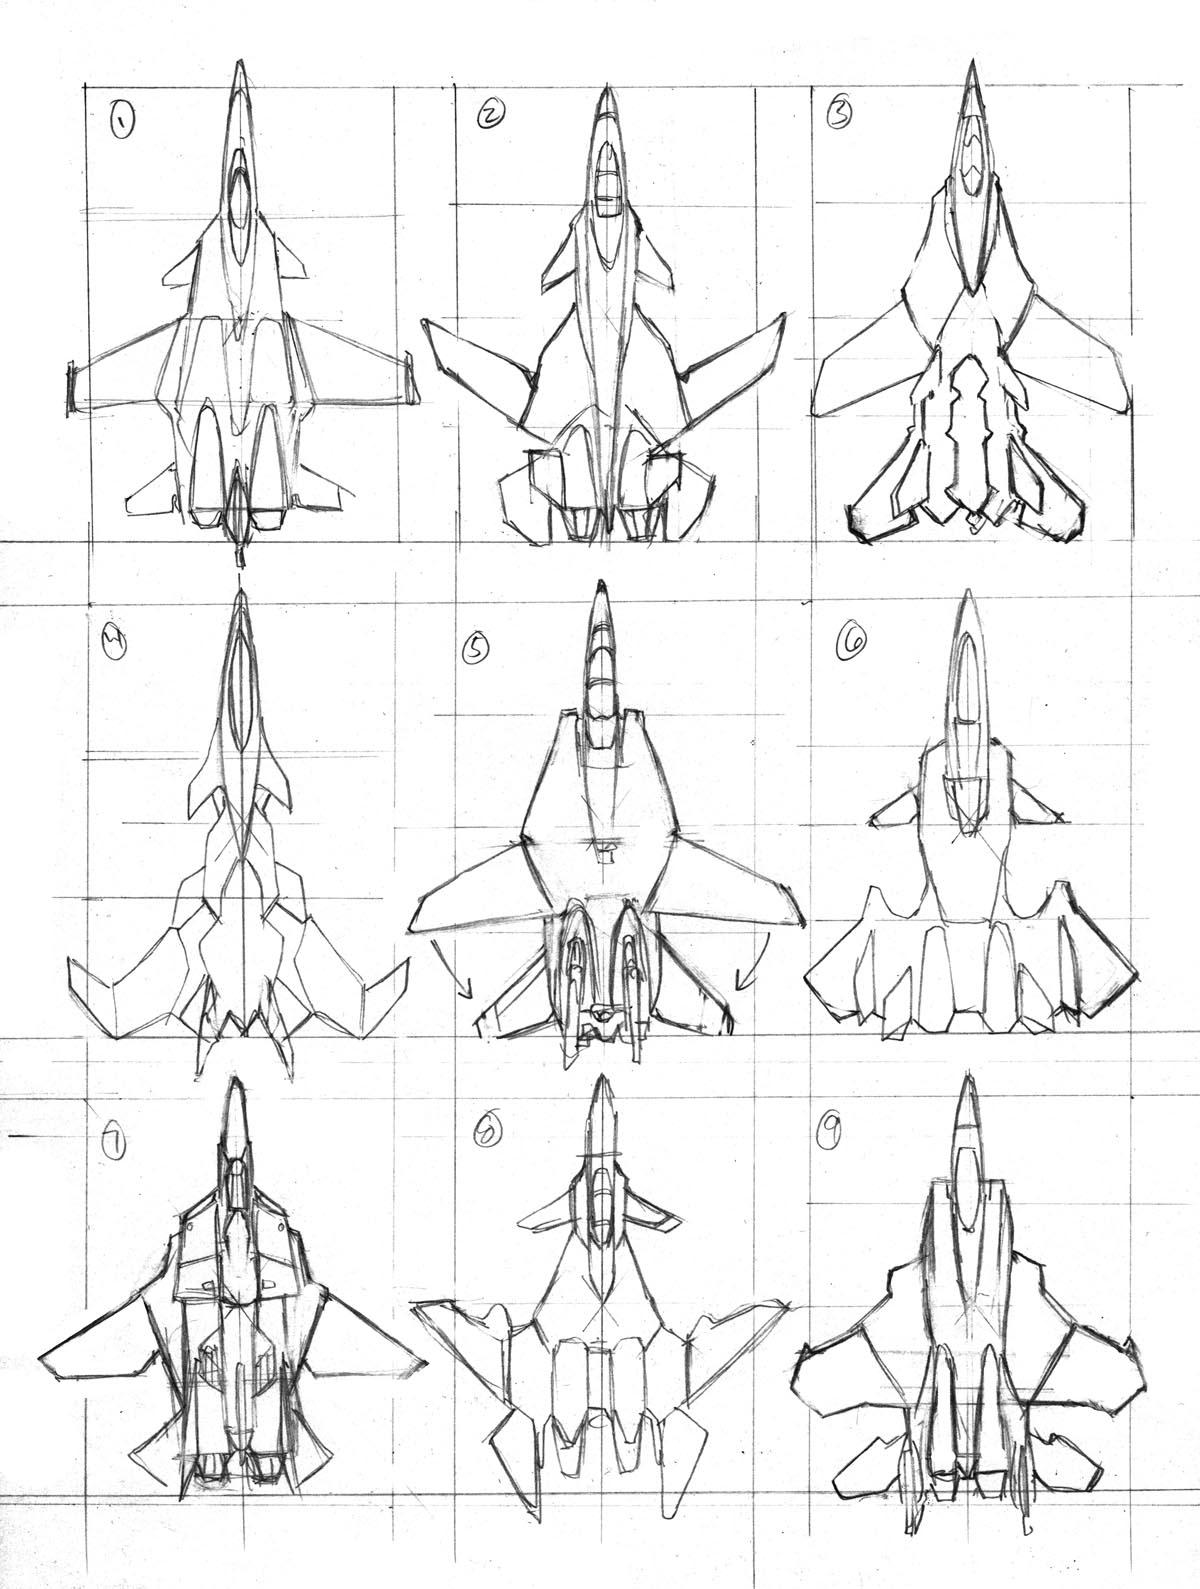 New Sky Striker Concept Art By Robert Atkins